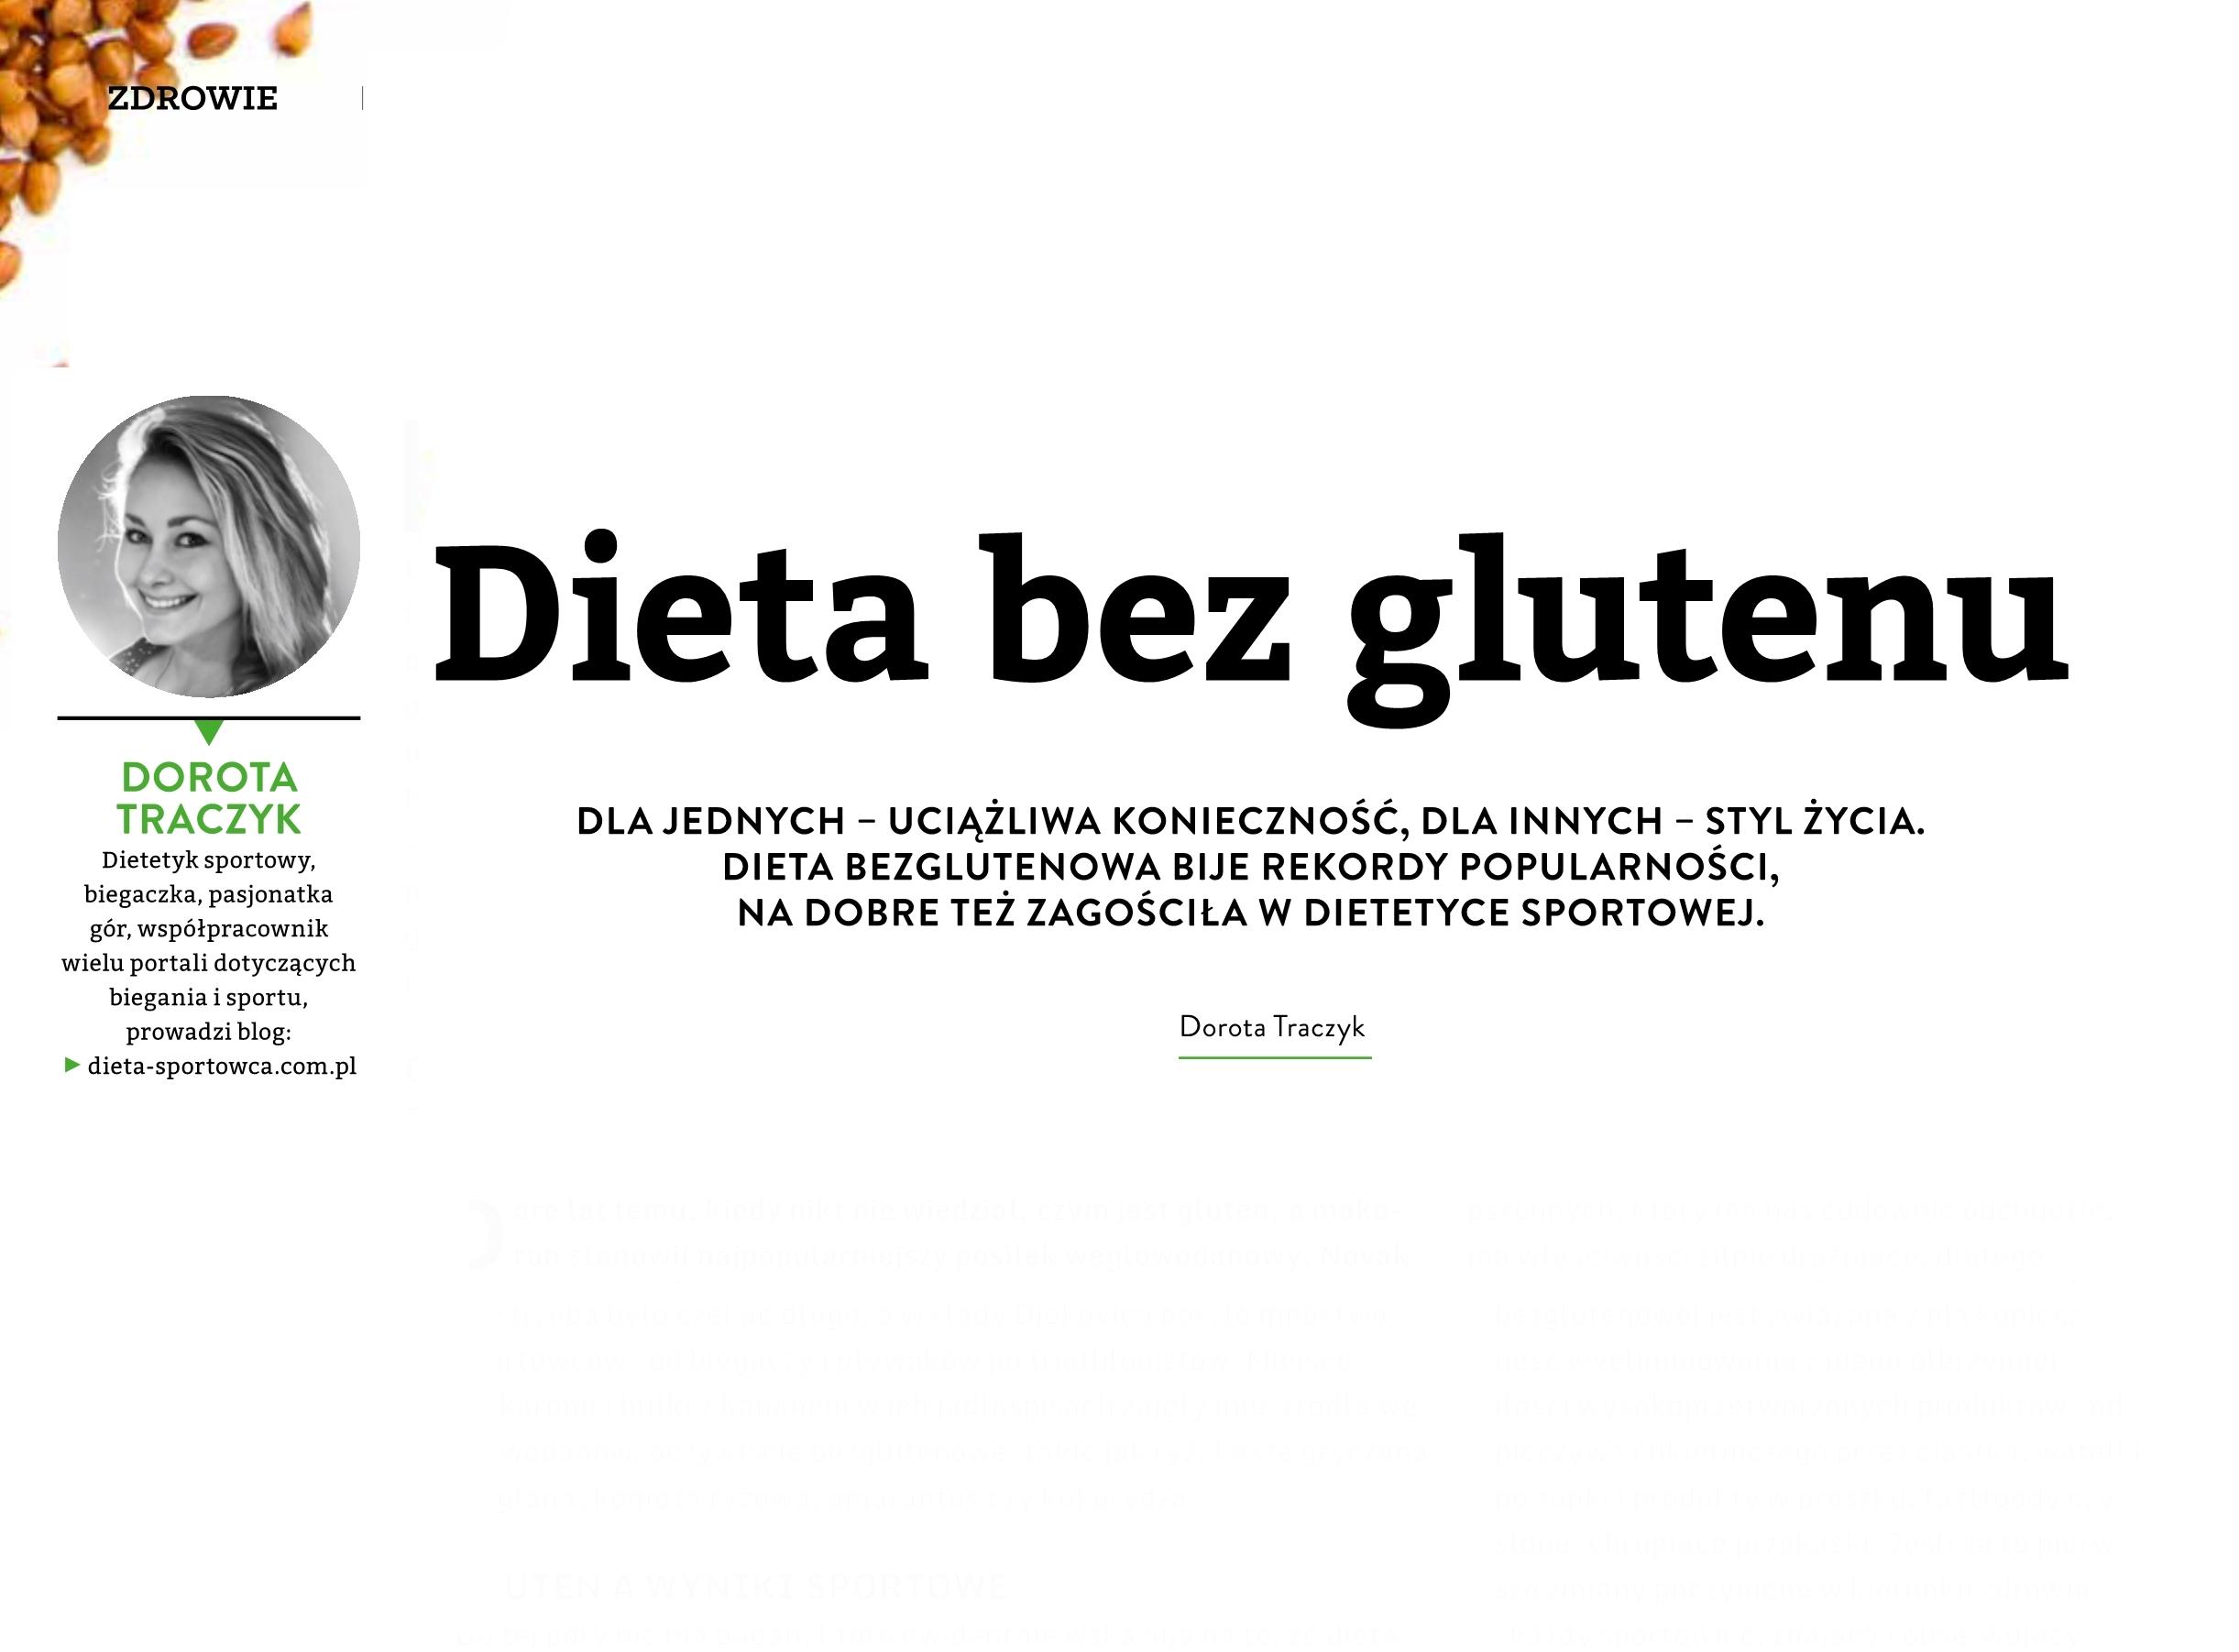 Dieta bez glutenu u sportowców